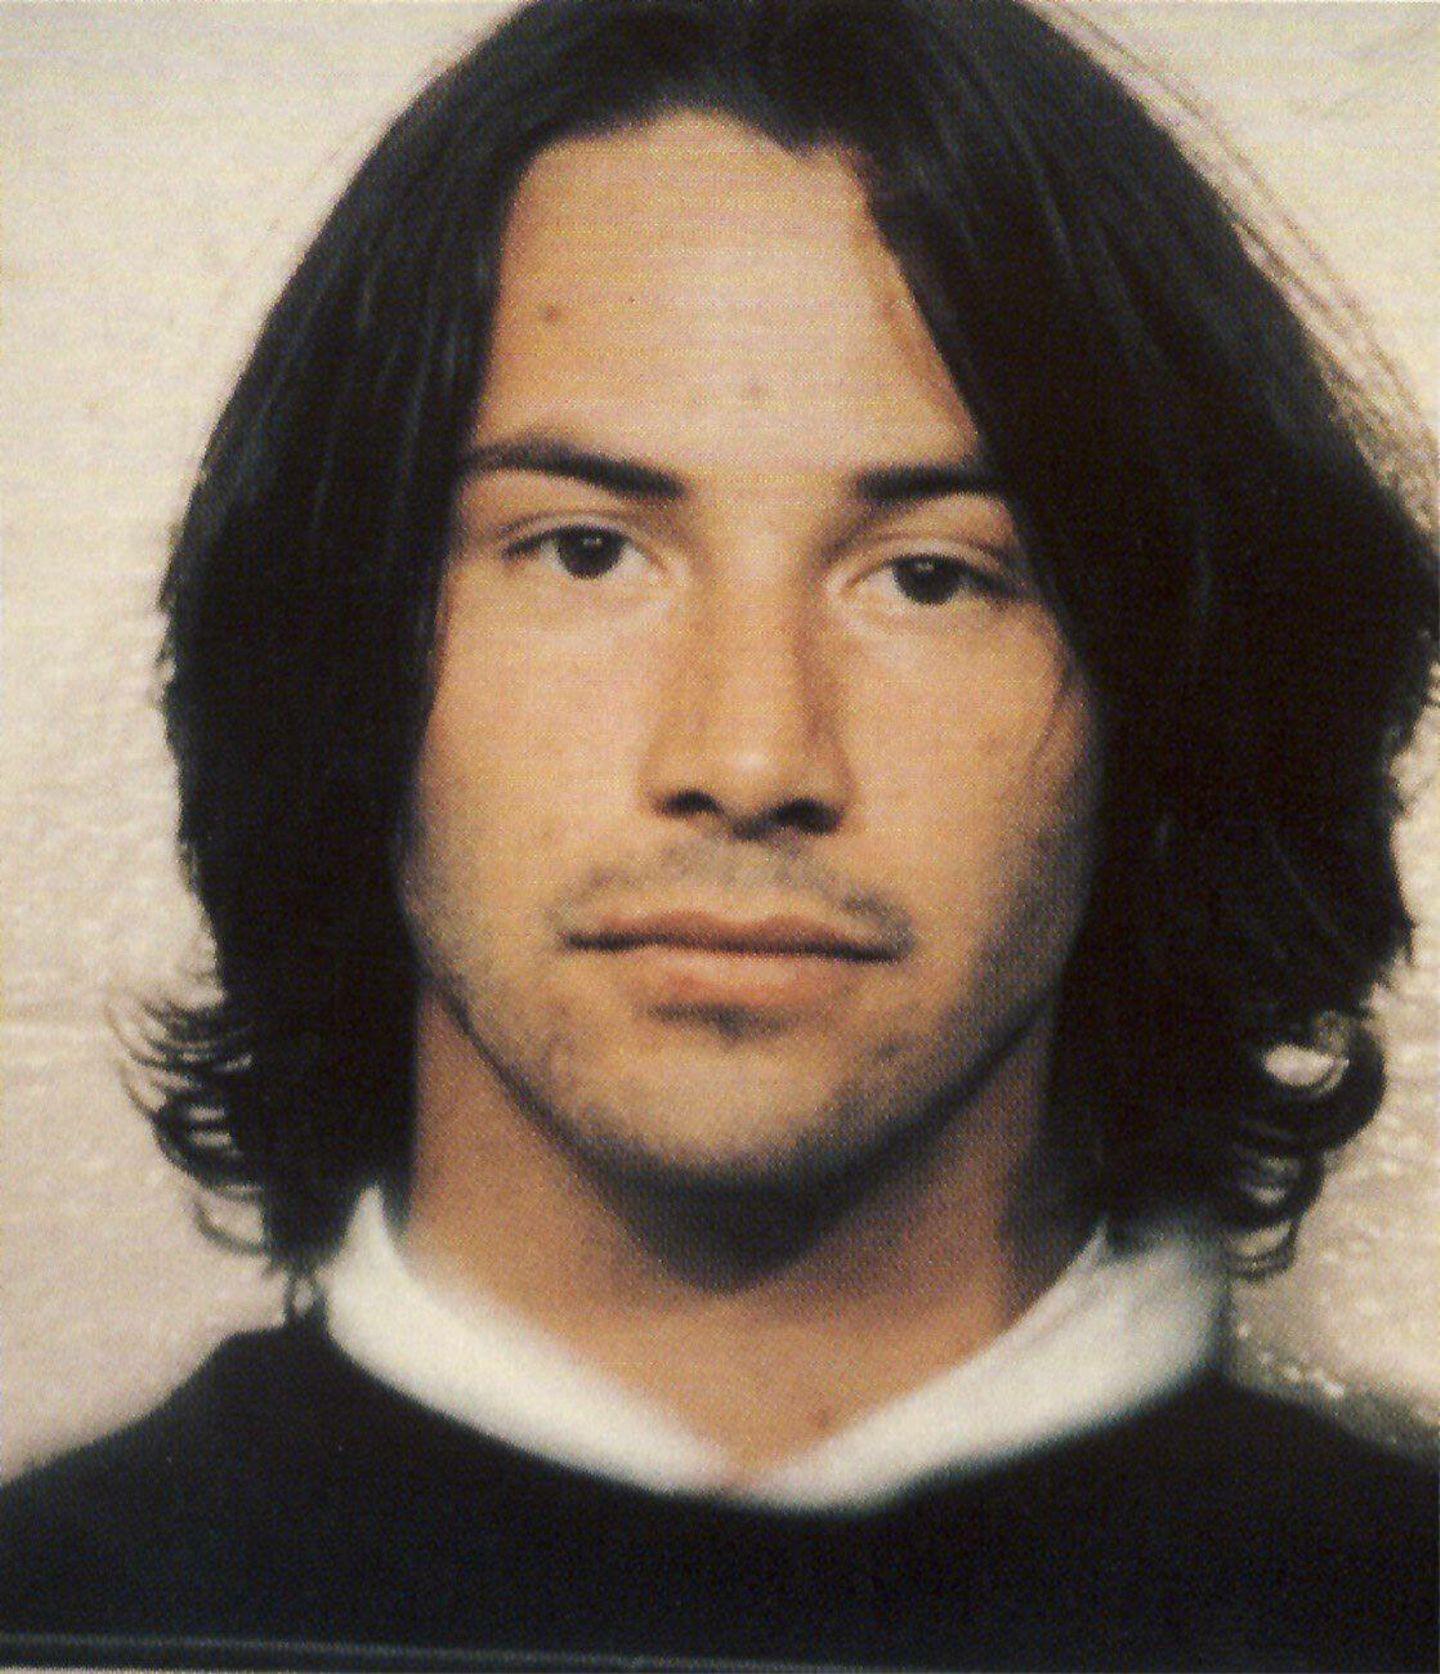 """Keanu Reeves  5. Mai 1993: Der """"Matrix""""-Star wird wegen unberechenbarer Fahrweise angehalten. Es stellt sich heraus, dass er unter Alkoholeinfluss steht, was natürlich zur sofortigen Verhaftung und dem netten Foto führt."""